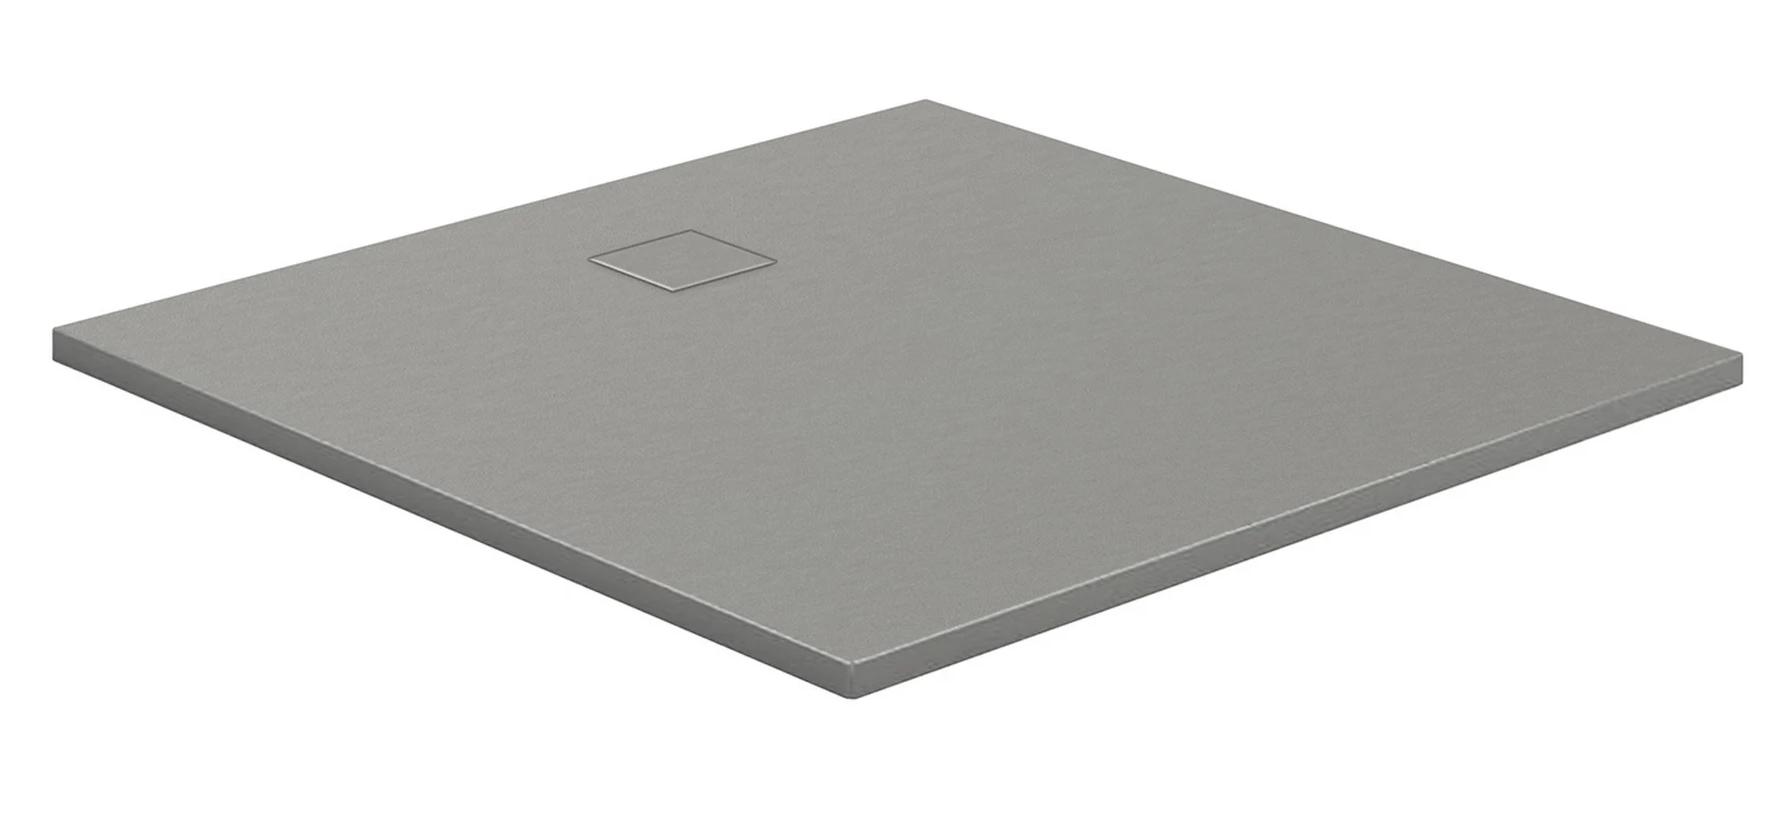 HSK Marmor-Polymer-Duschwannen, Steinoptik - Quadrat 120x120 Anthrazit ohne AntiSlip-Beschichtigung